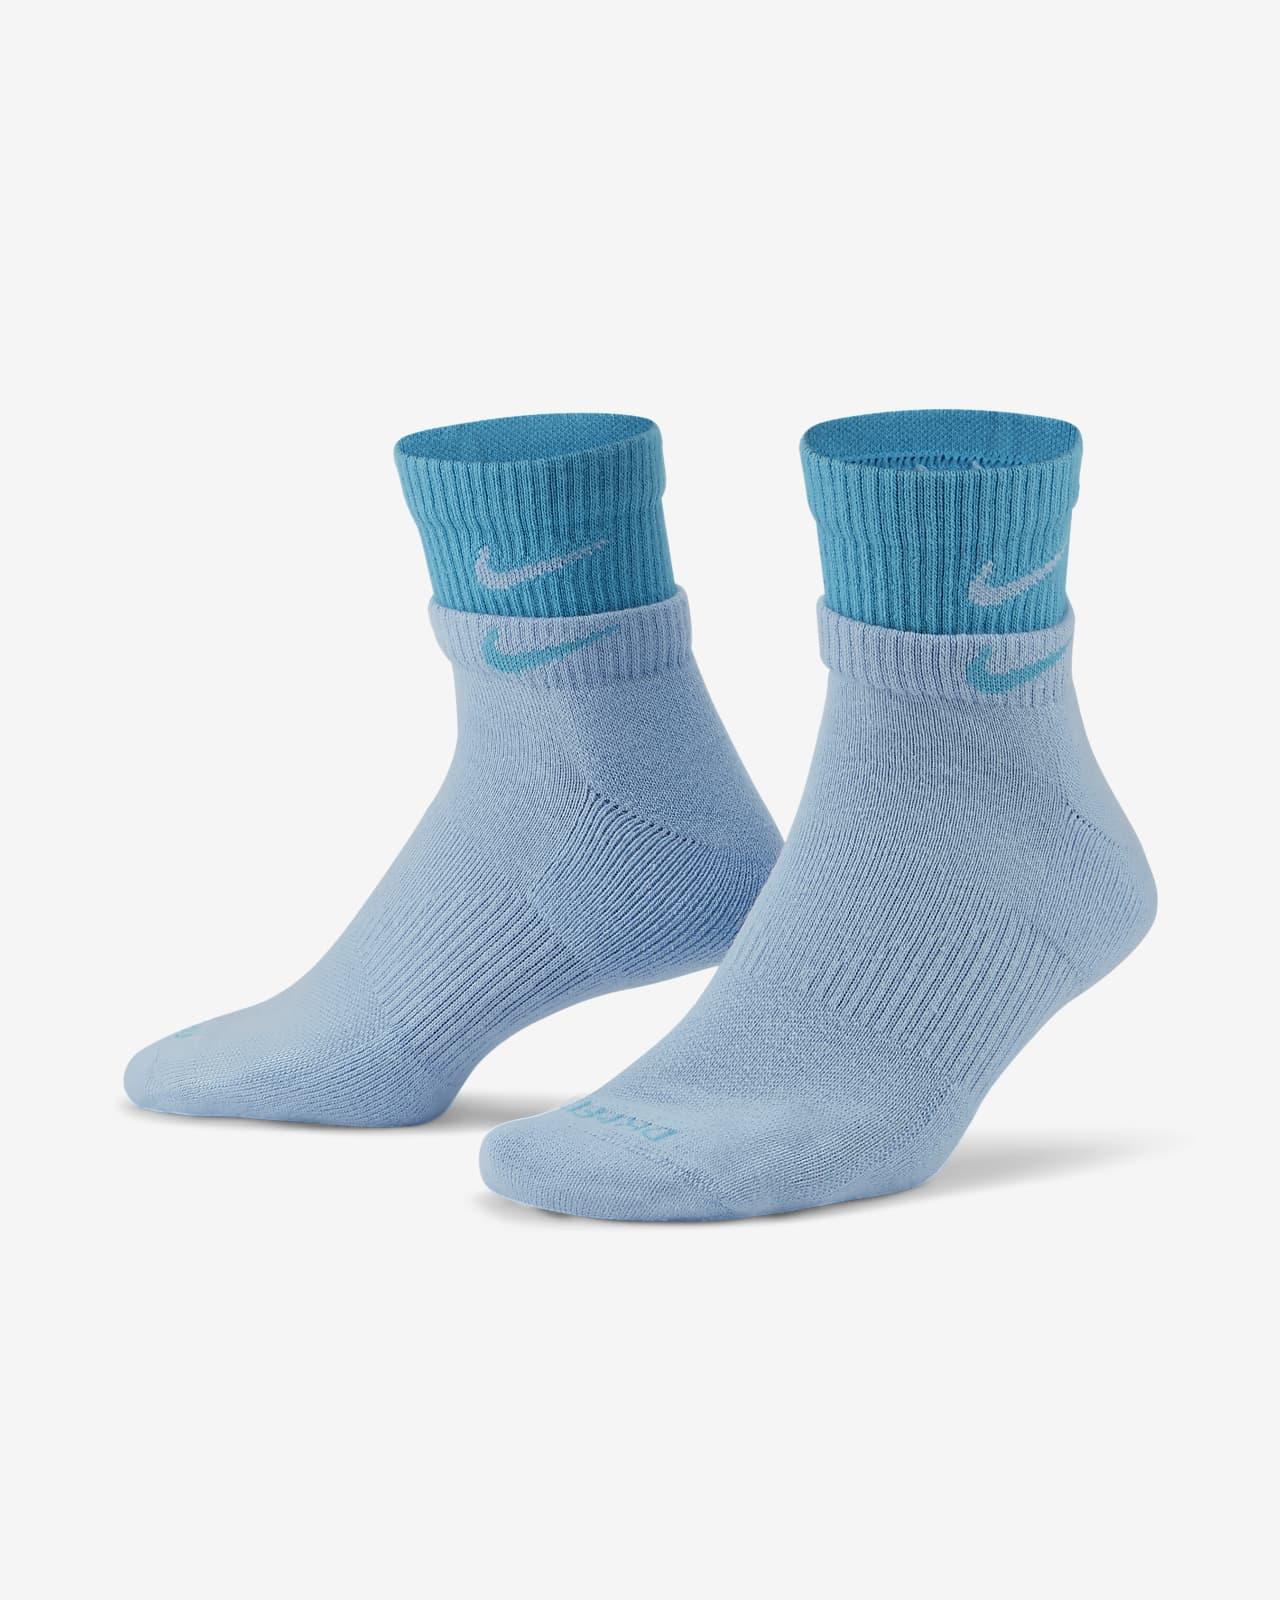 Nike Everyday Plus Cushioned Training Ankle Socks